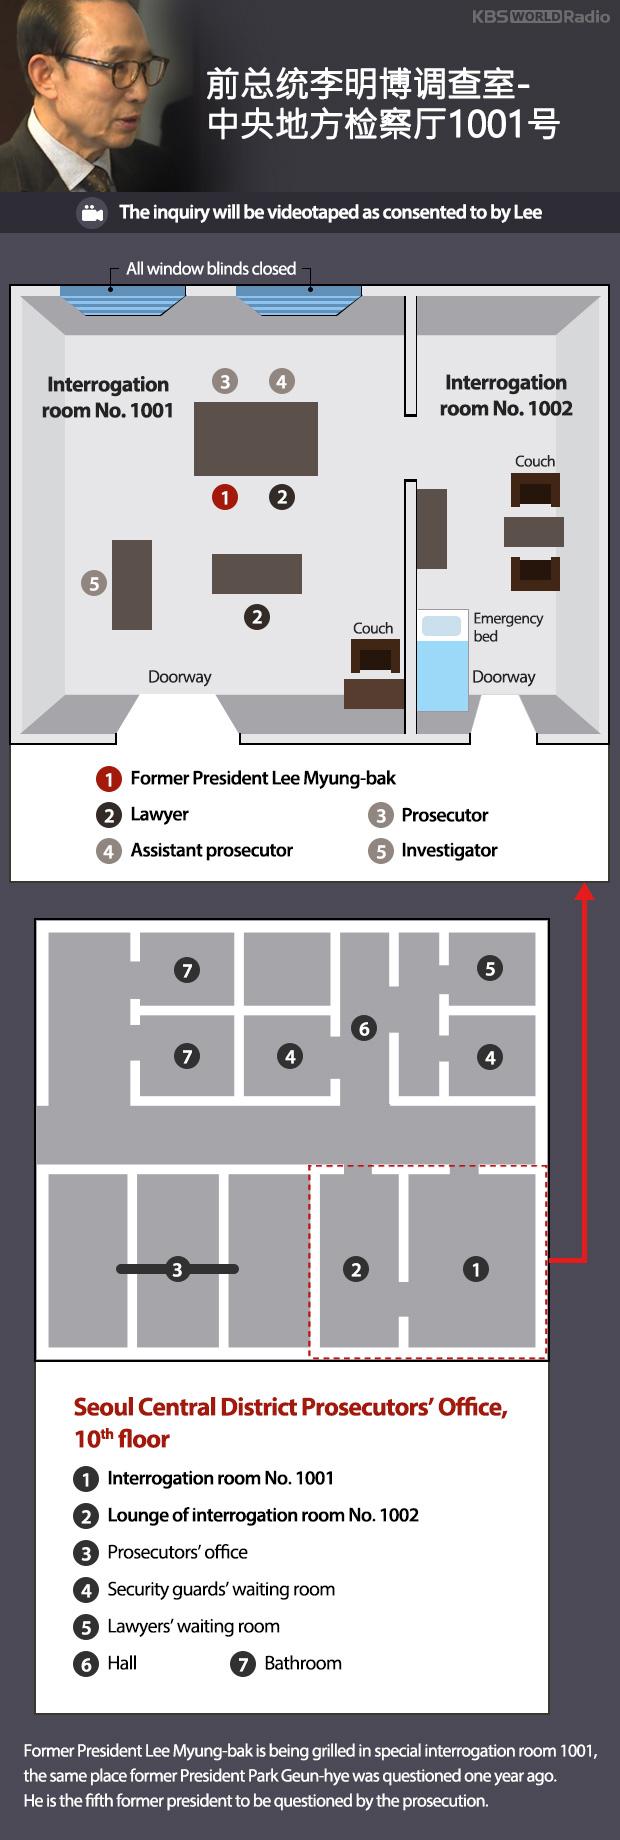 前总统李明博调查室-中央地方检察厅1001号